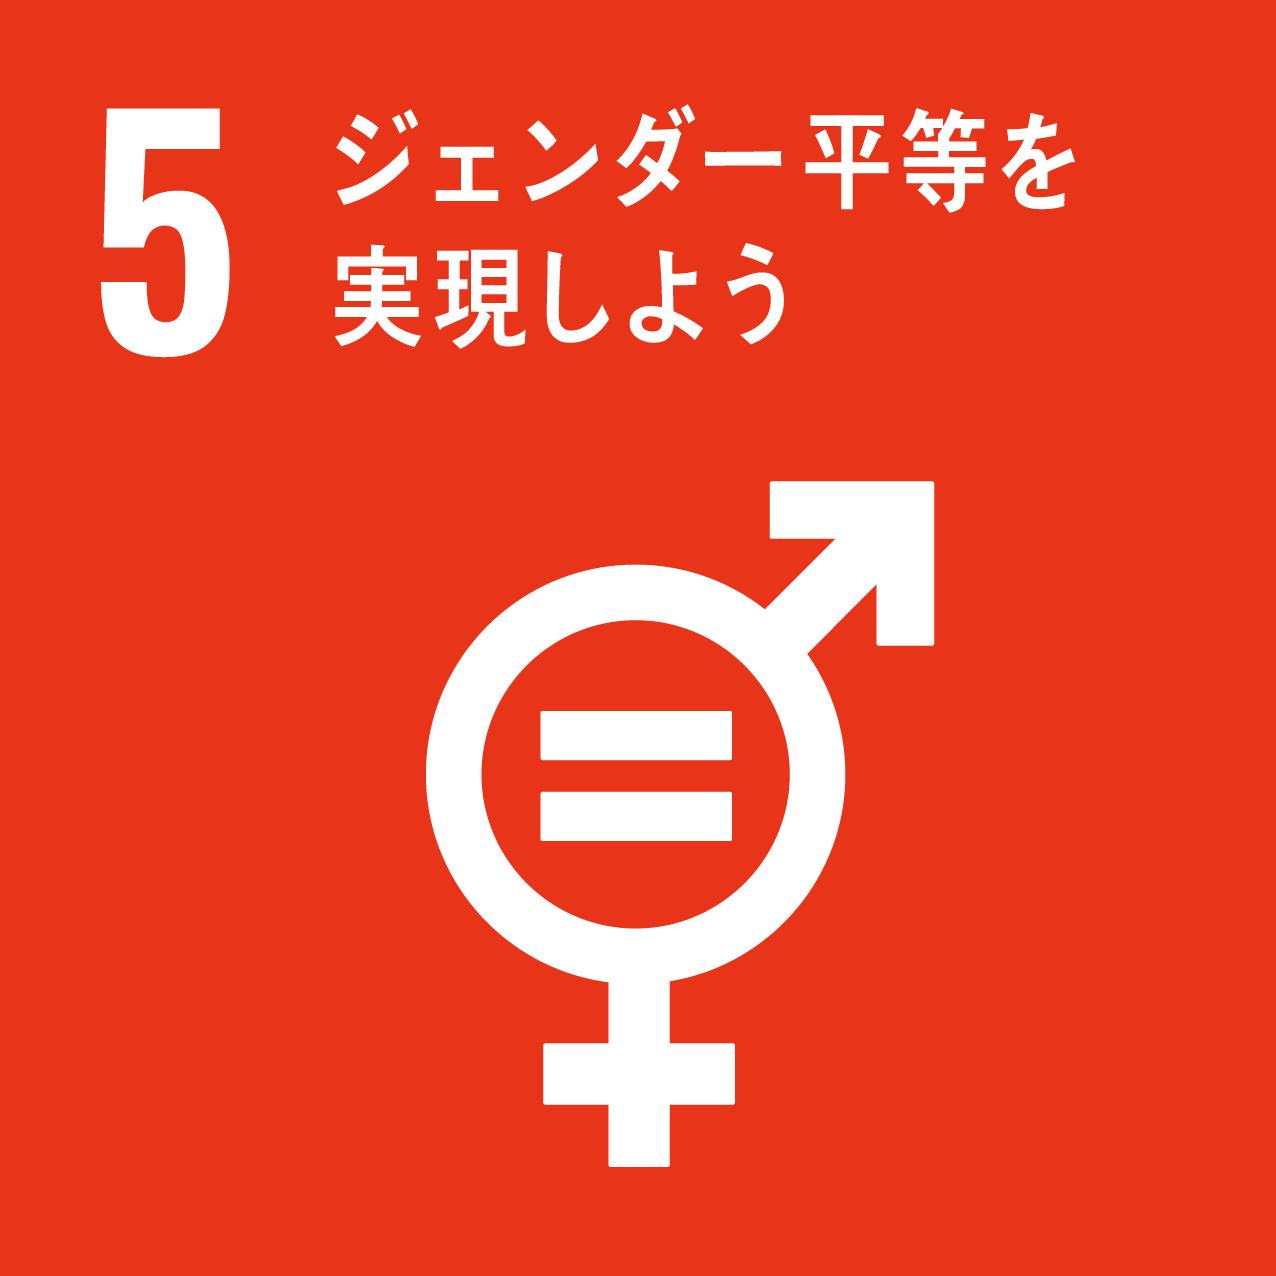 5-ジェンダー平等を実現しよう